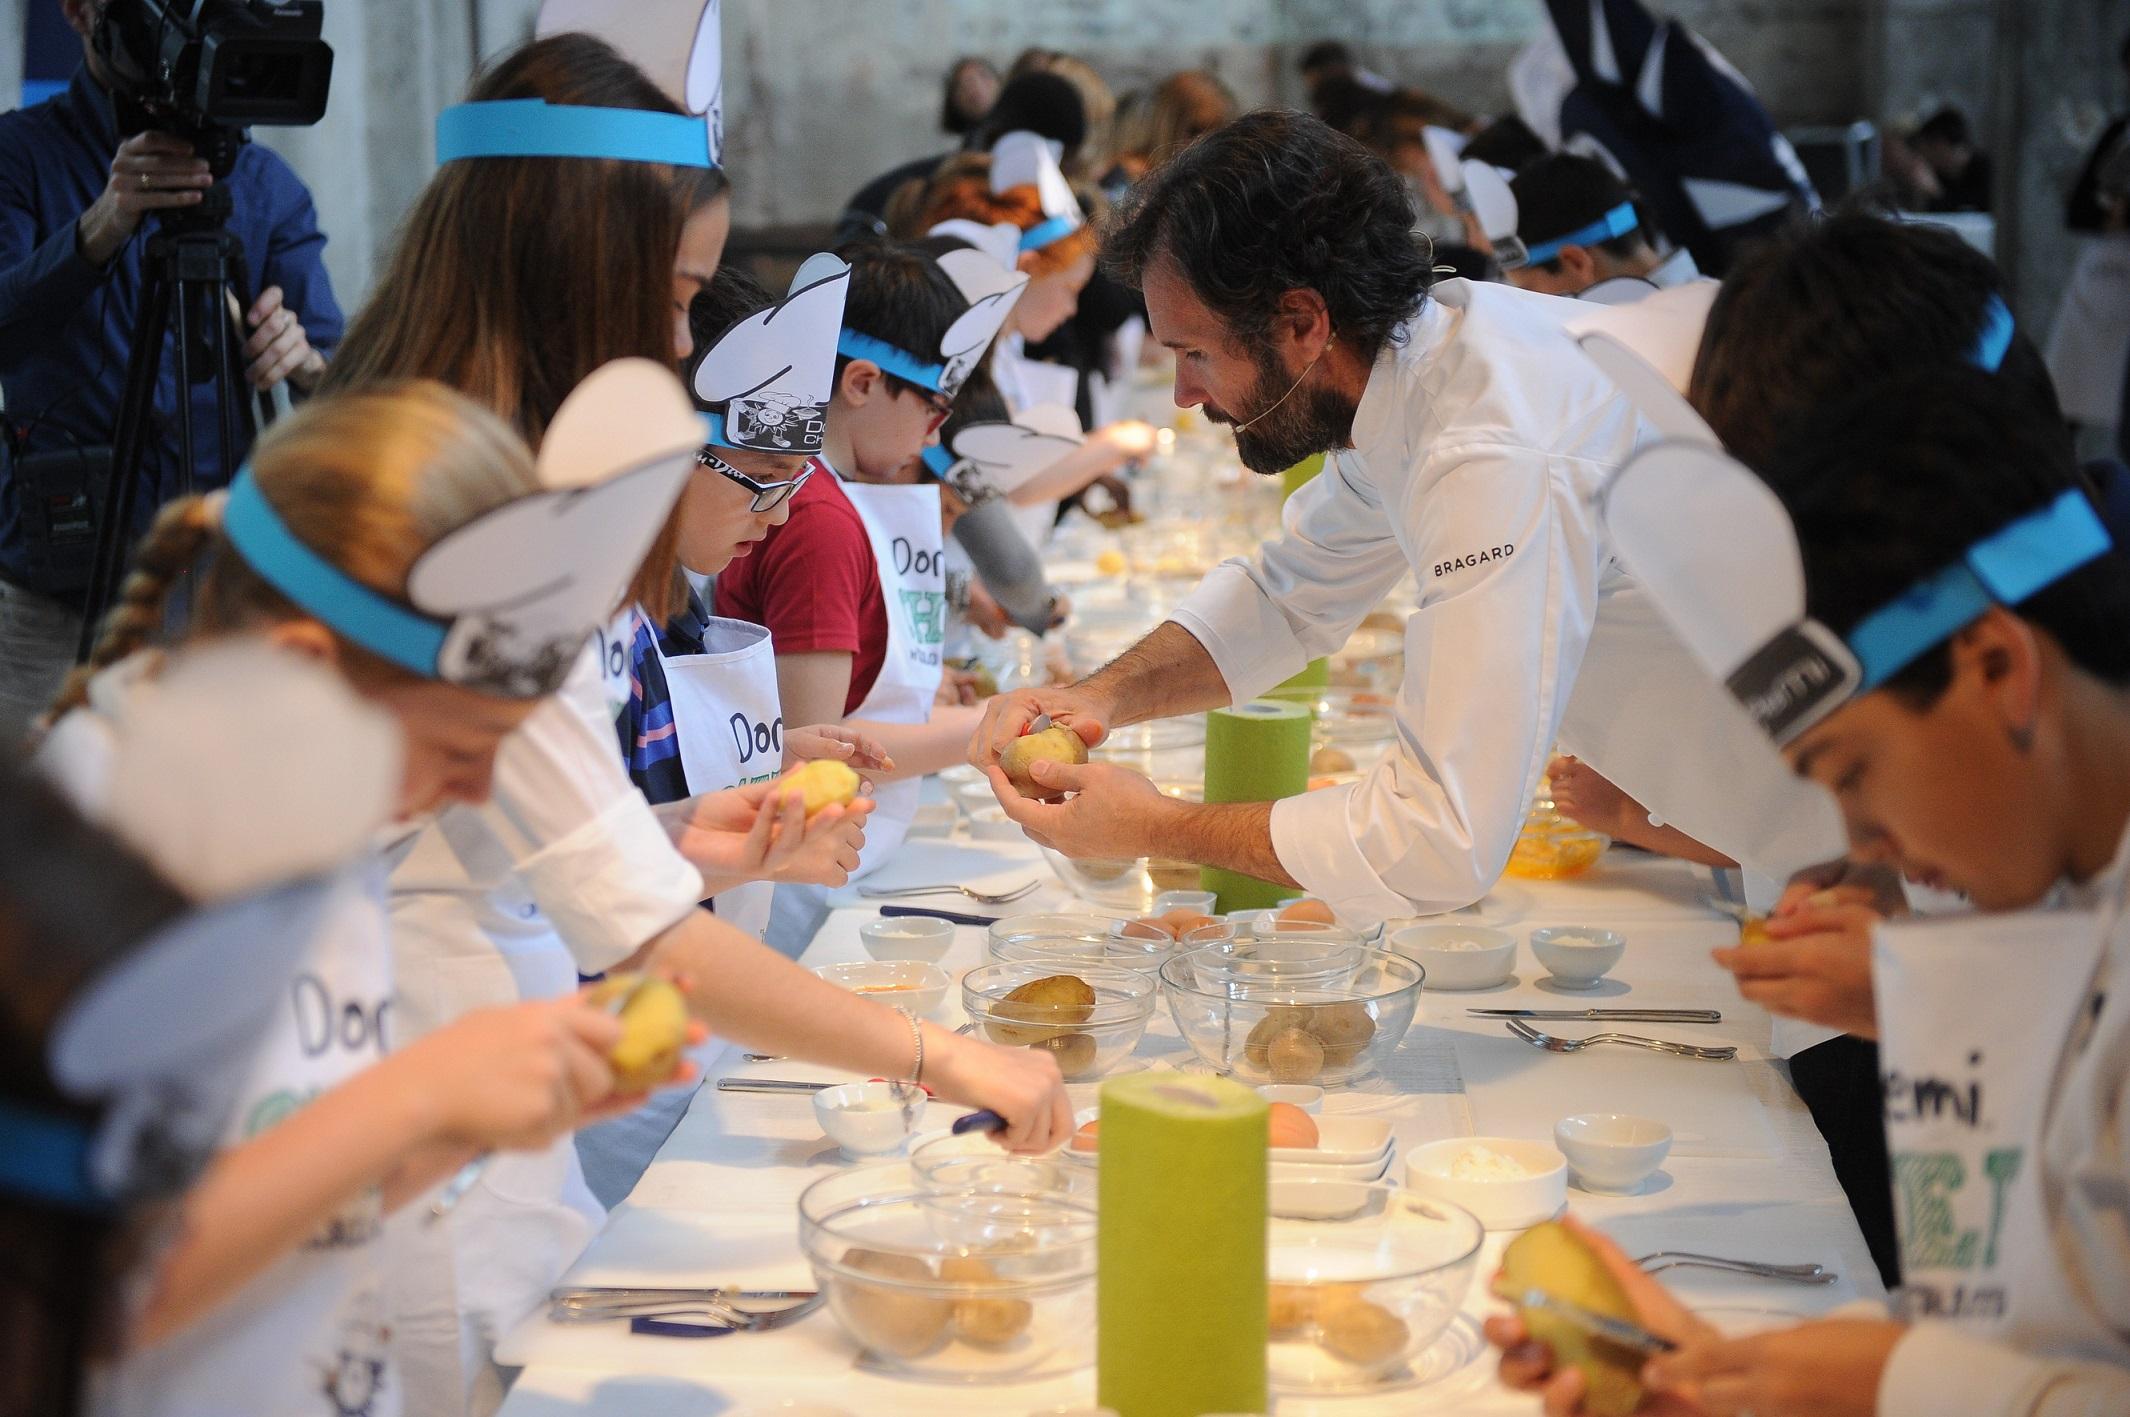 Su msc arriva doremi chef il corso di cucina di carlo cracco dedicato ai pi piccoli webitmag - Corsi cucina milano cracco ...